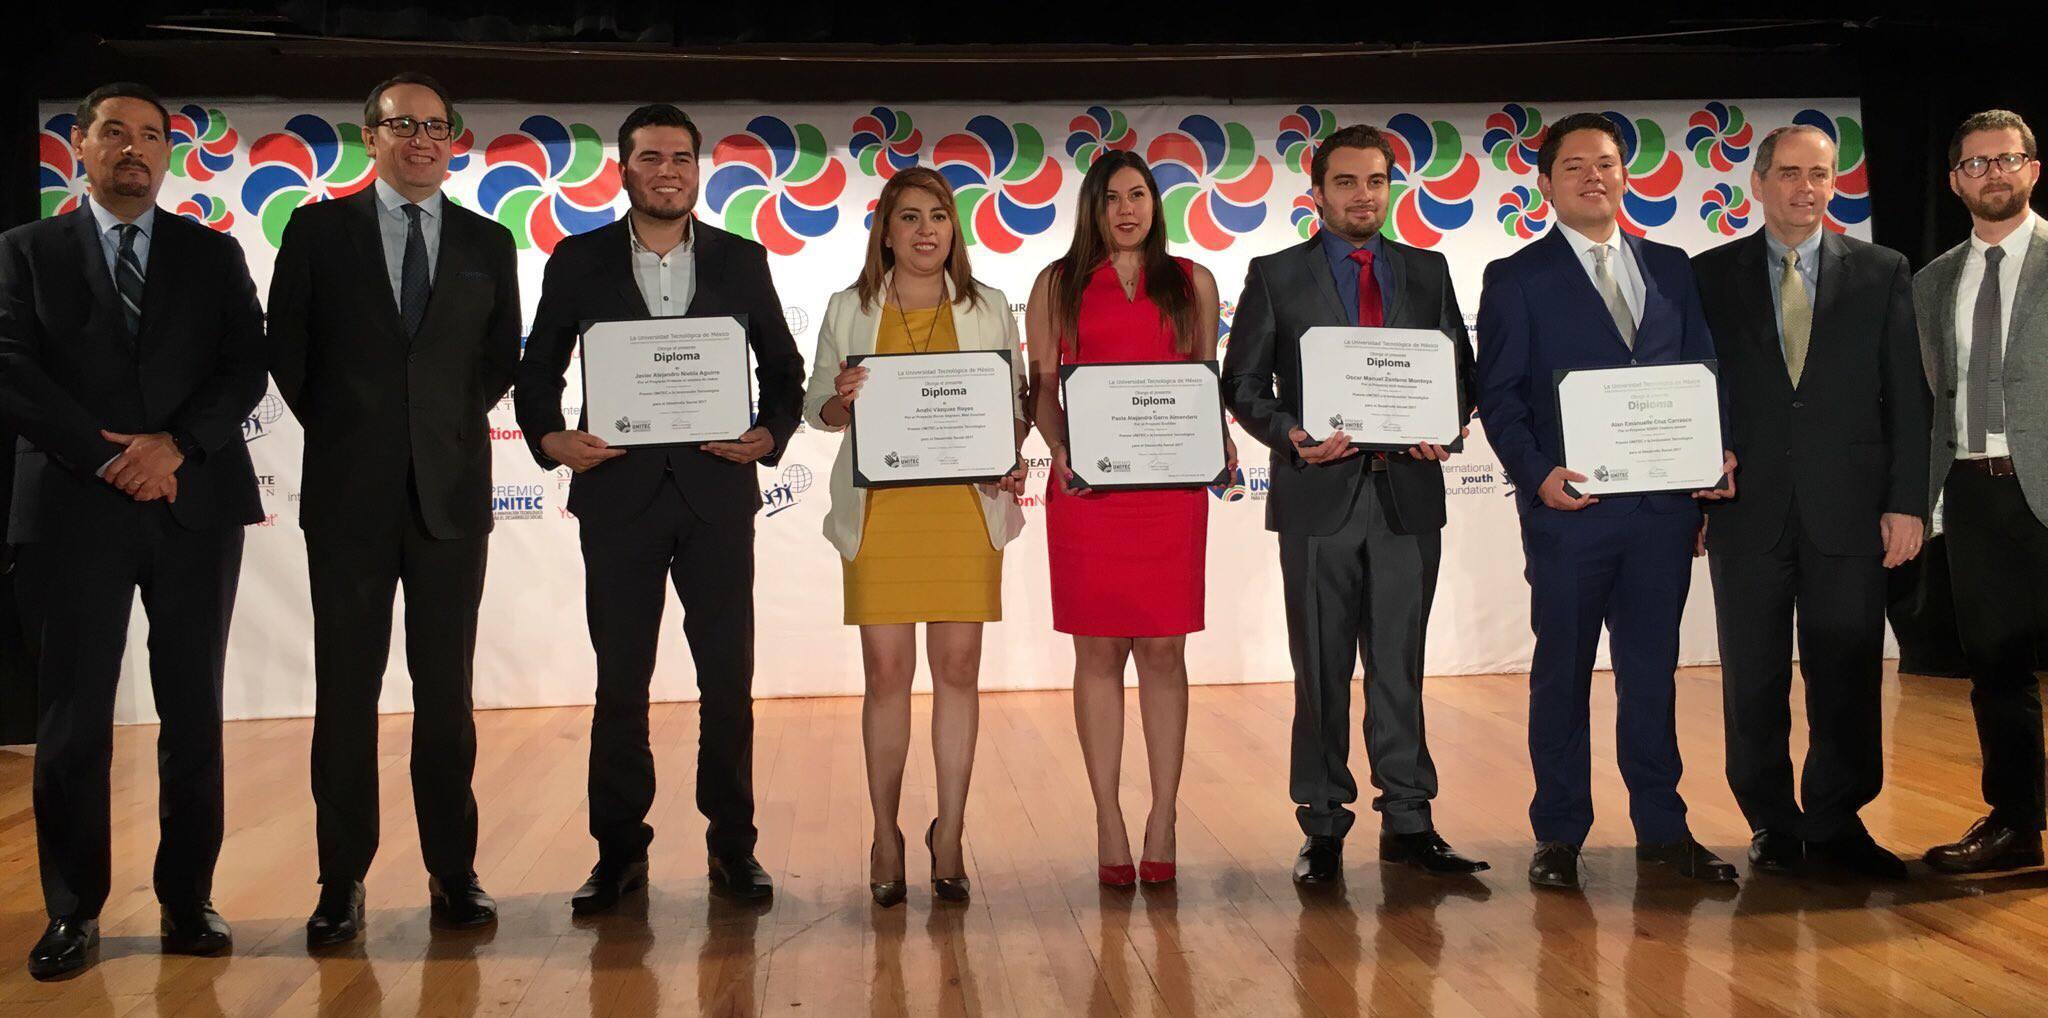 5 proyectos innovadores reconocidos con el Premio UNITEC 2017